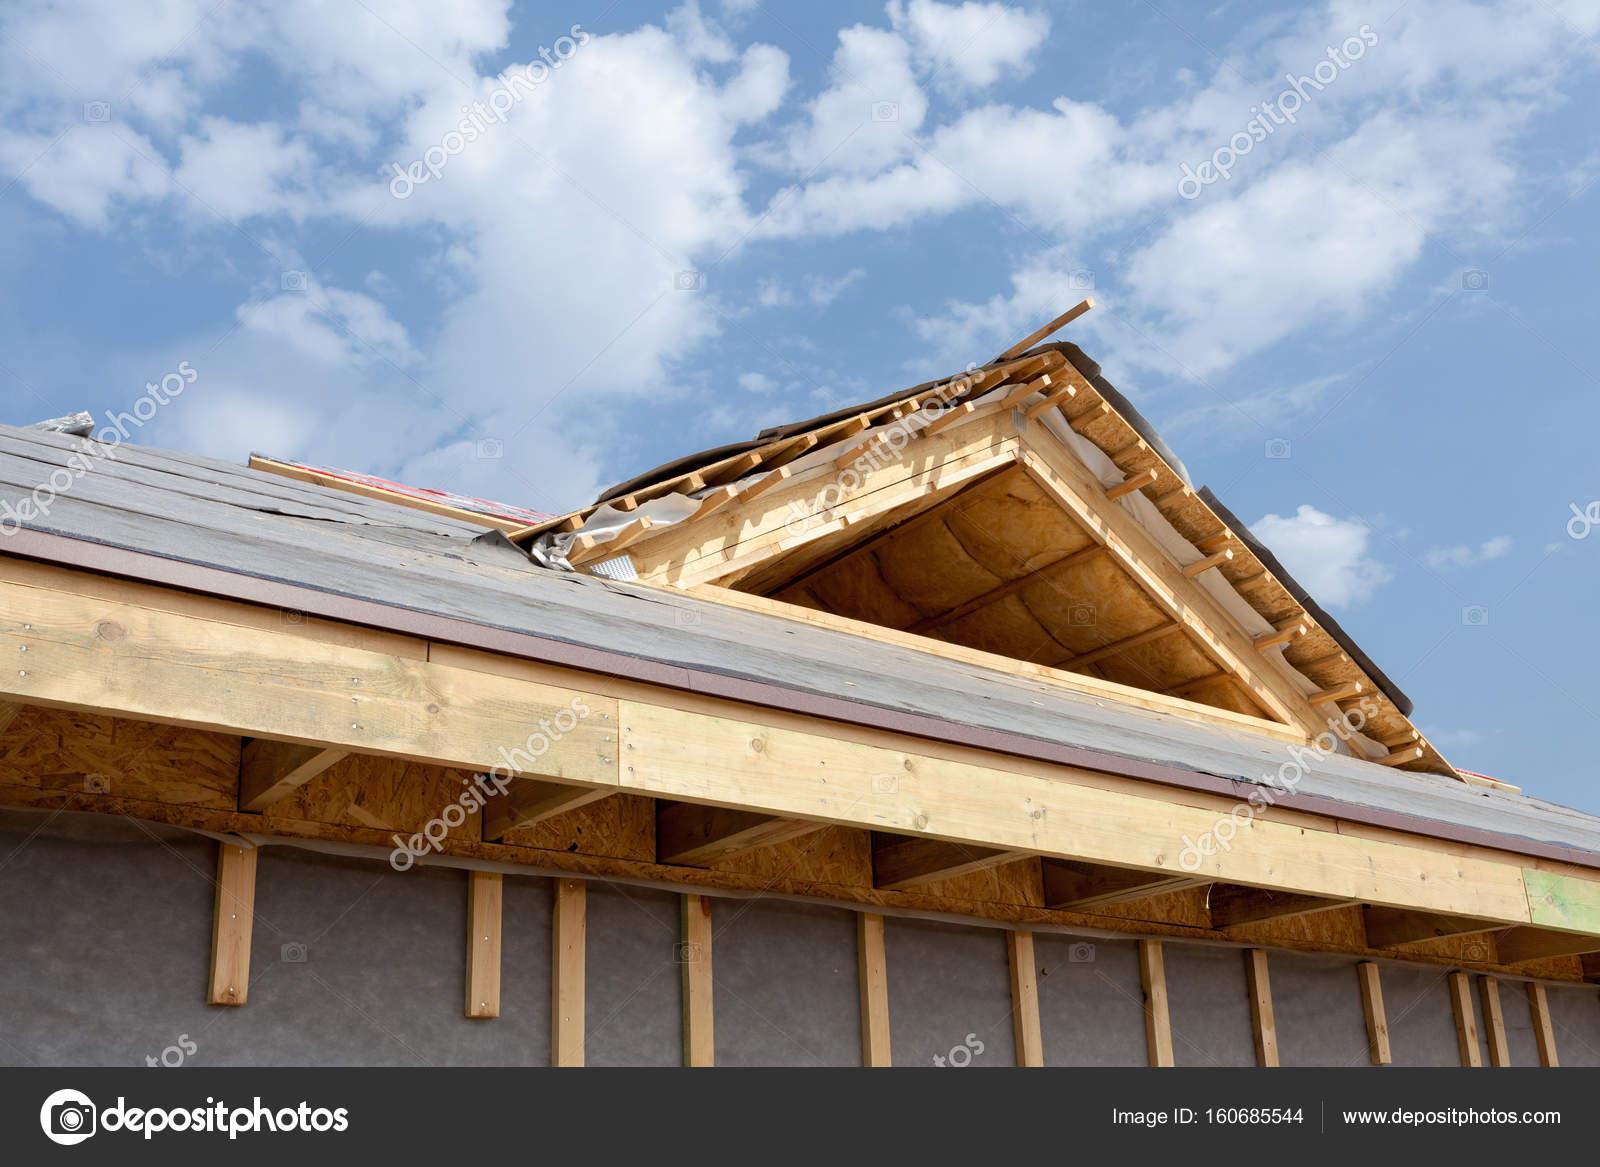 Neues Fachwerkhaus im Bau. Dach mit Schindeln, Schornstein und ...